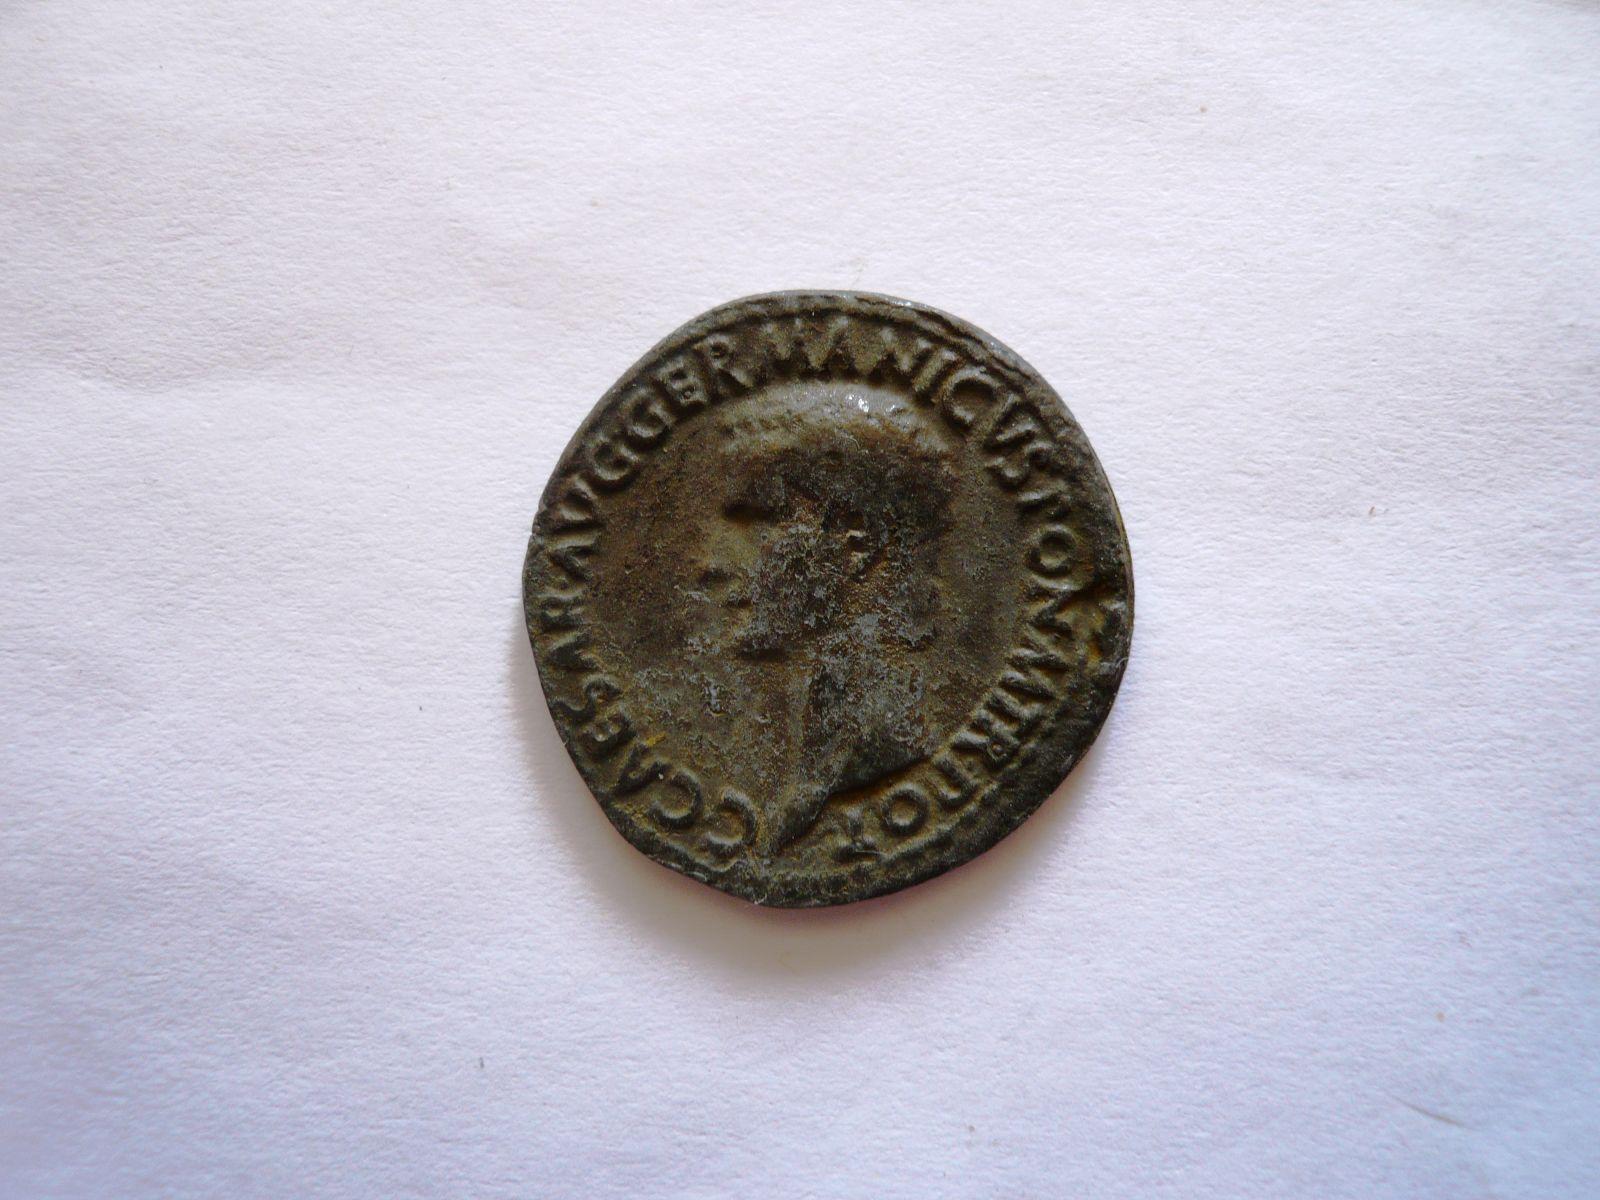 AS, Germanicus, rok 19, 15-19 př.n.l., KOPIE, Řím-republika